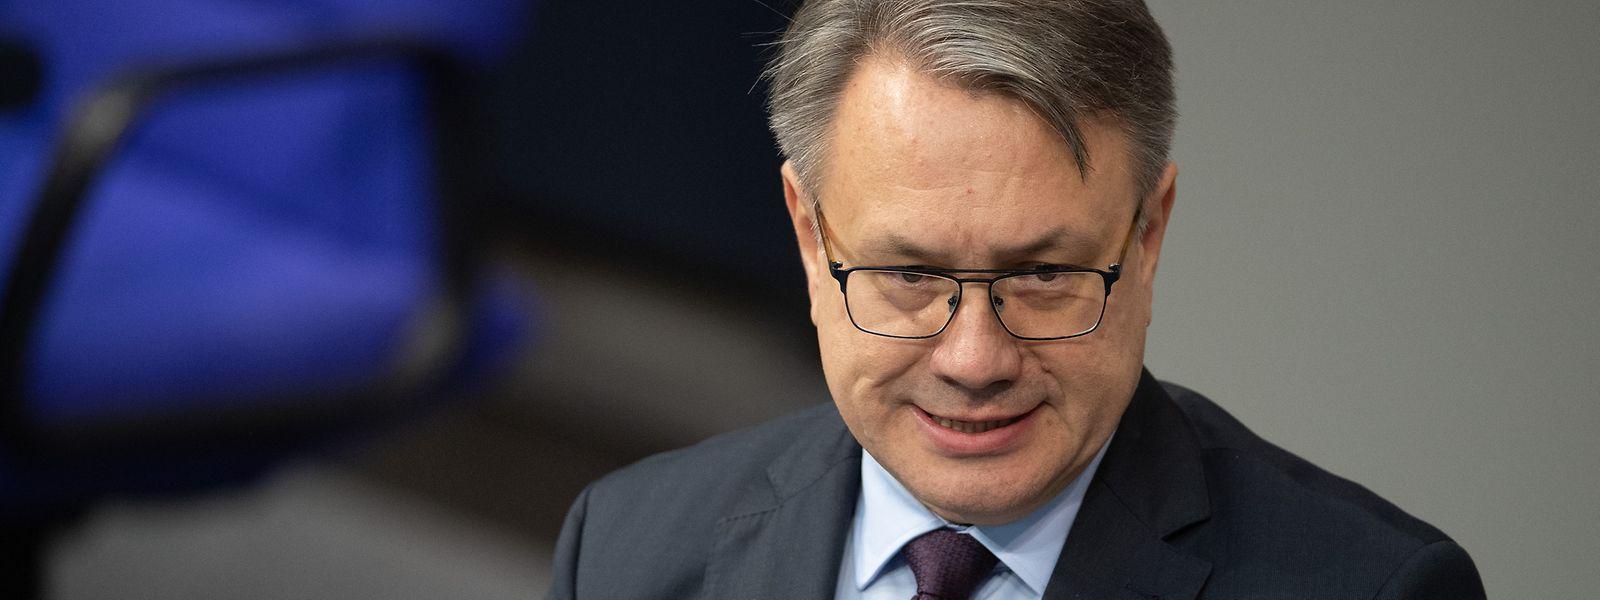 Der Bundestag hat die Immunität des CSU-Abgeordneten Georg Nüßlein aufgehoben.